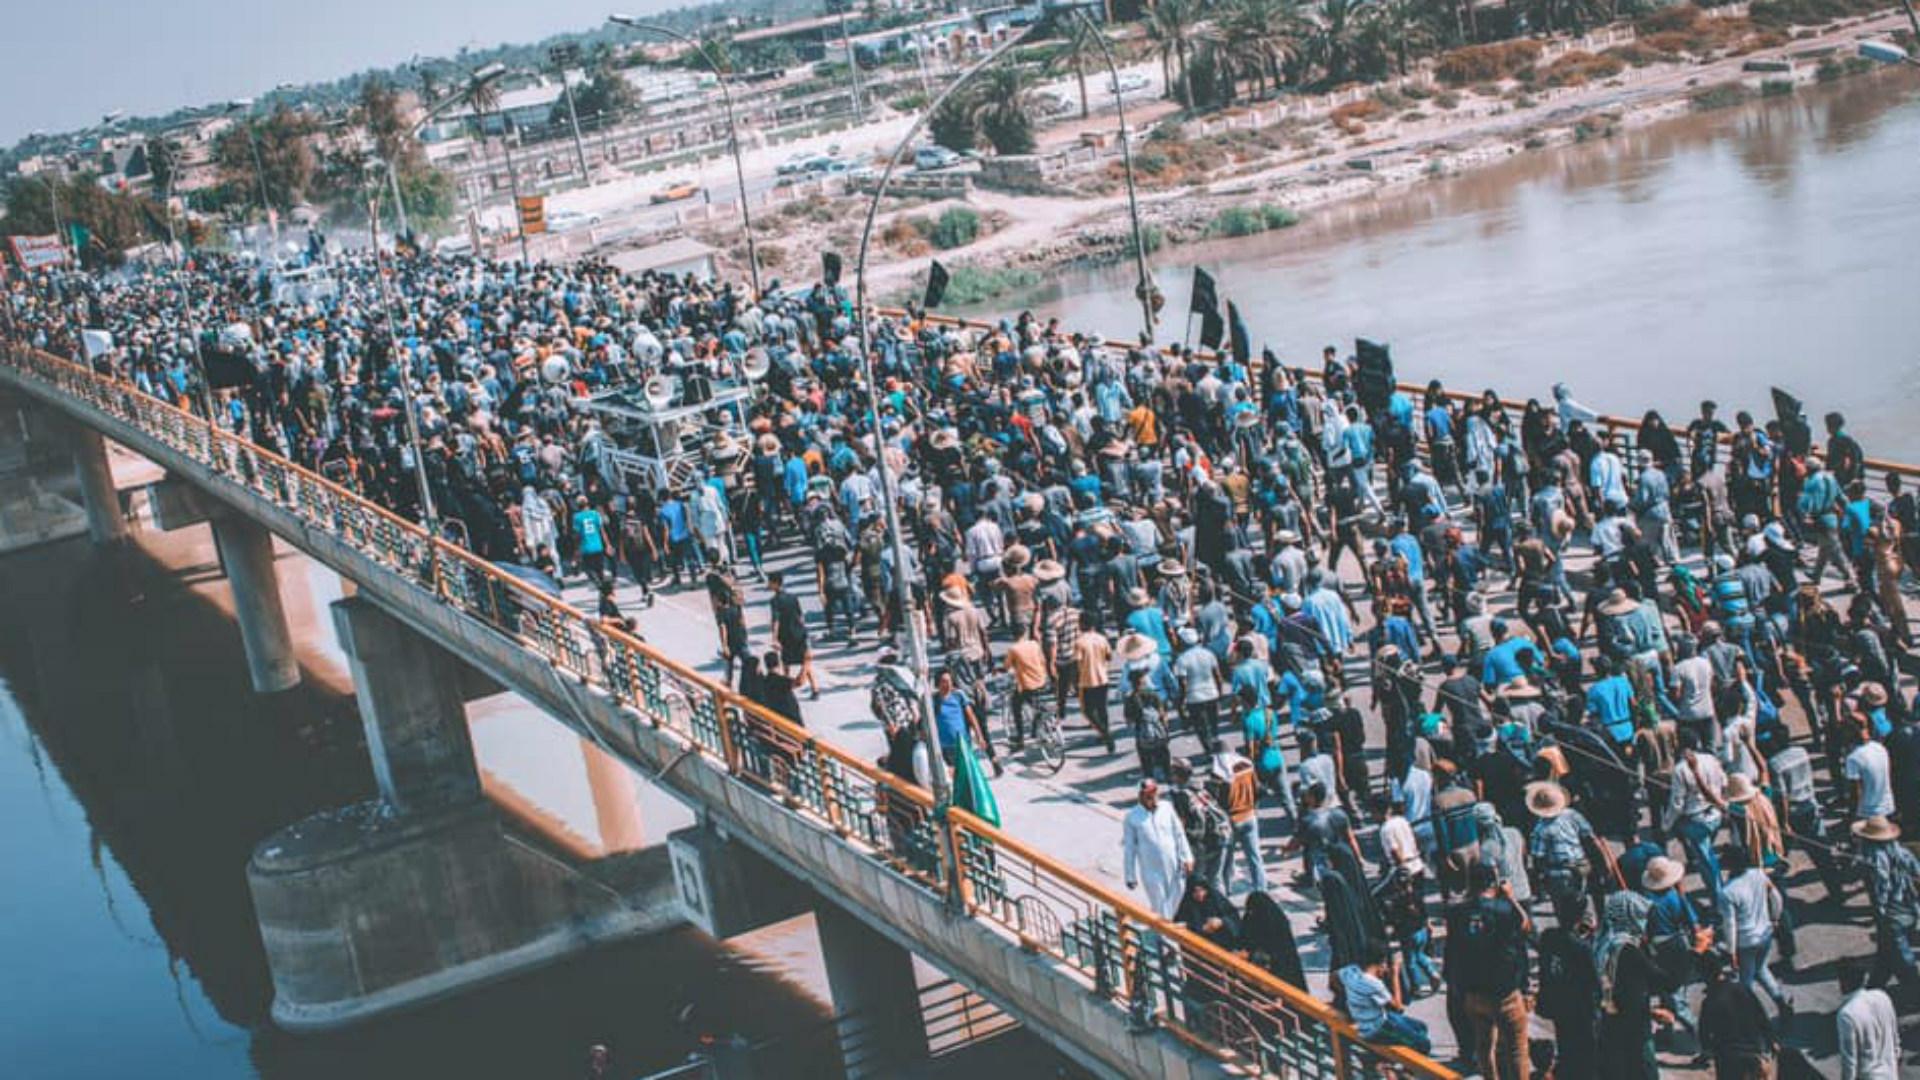 توصيات أمنية للزائرين المتوجهين إلى مدينة كربلاء المقدسة